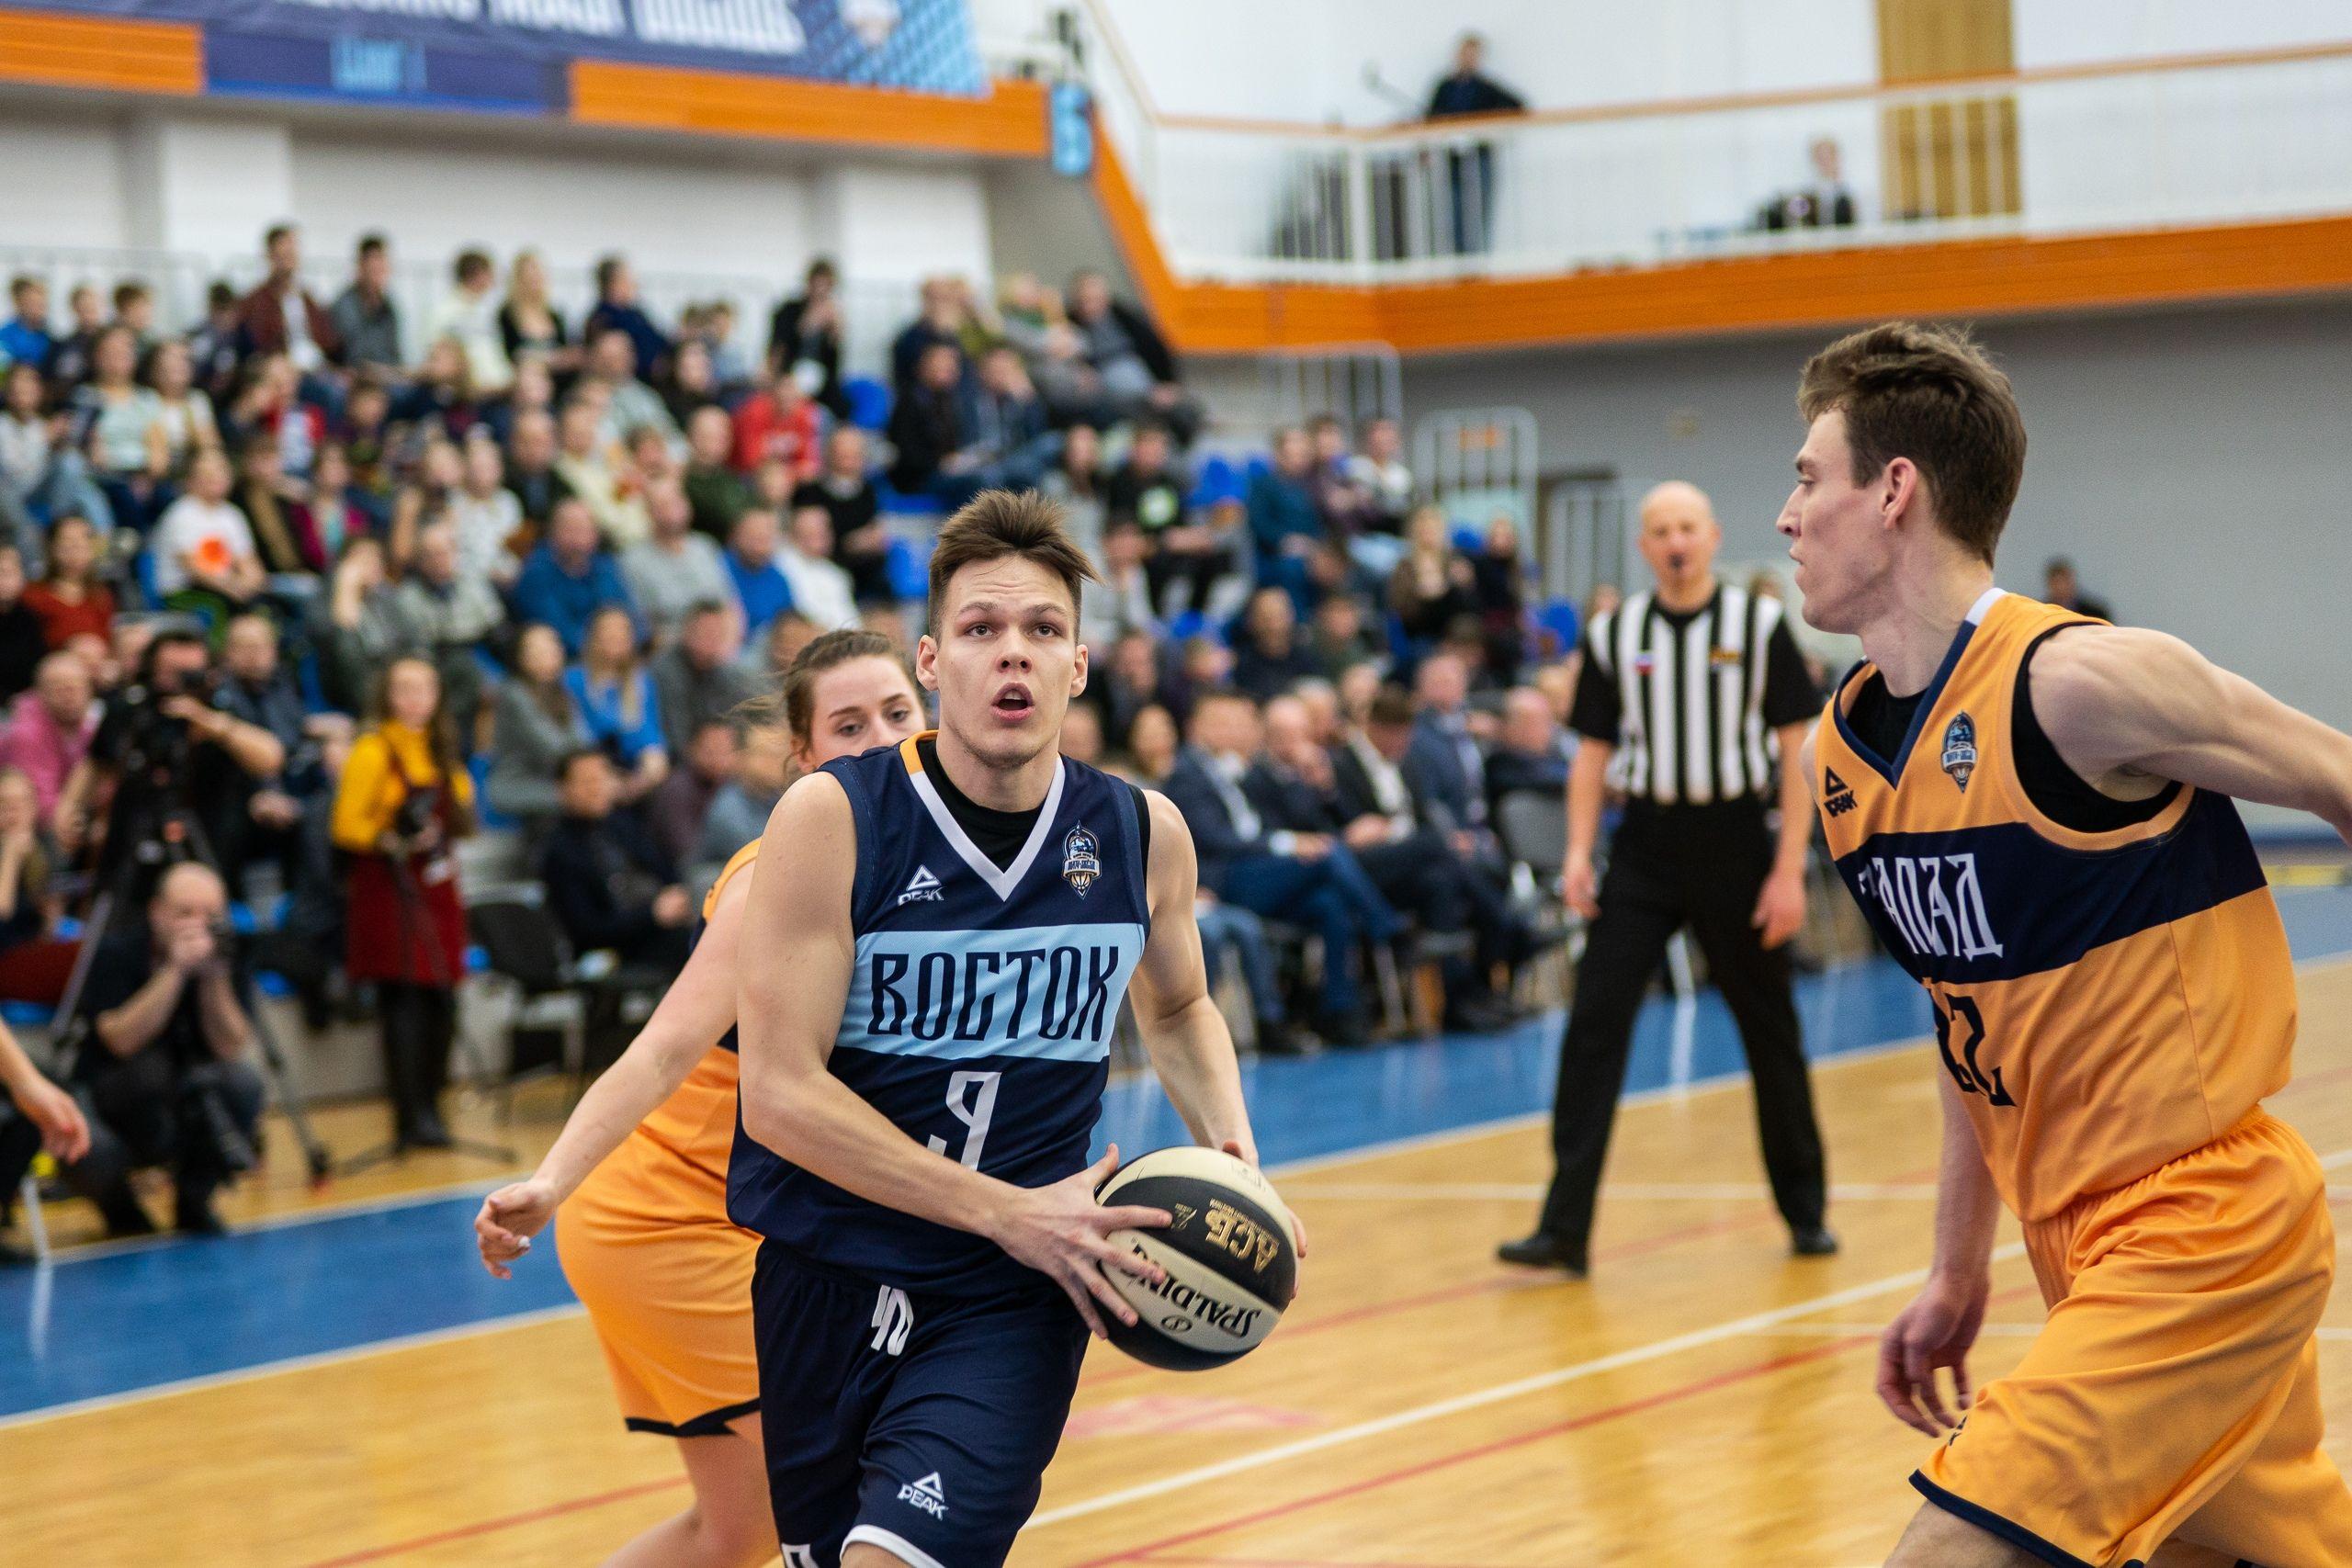 Студент ВГУЭС Роман Бричалов - в списке лучших баскетболистов России